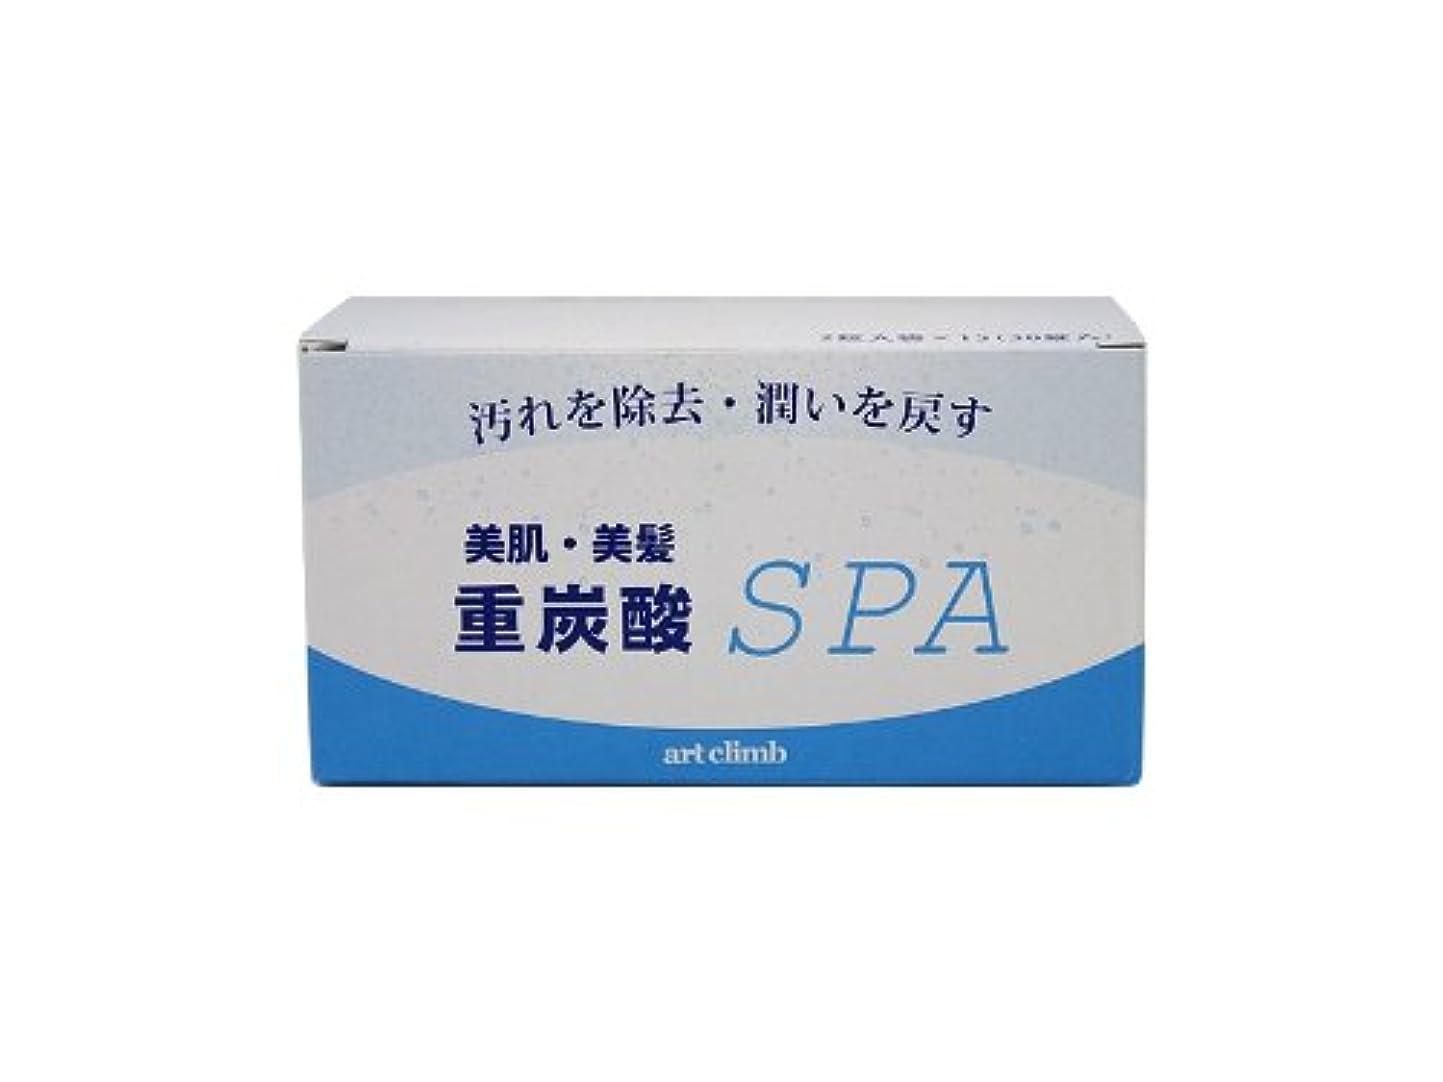 ヘルパー共役反抗重炭酸SPA (15g 30錠入り)